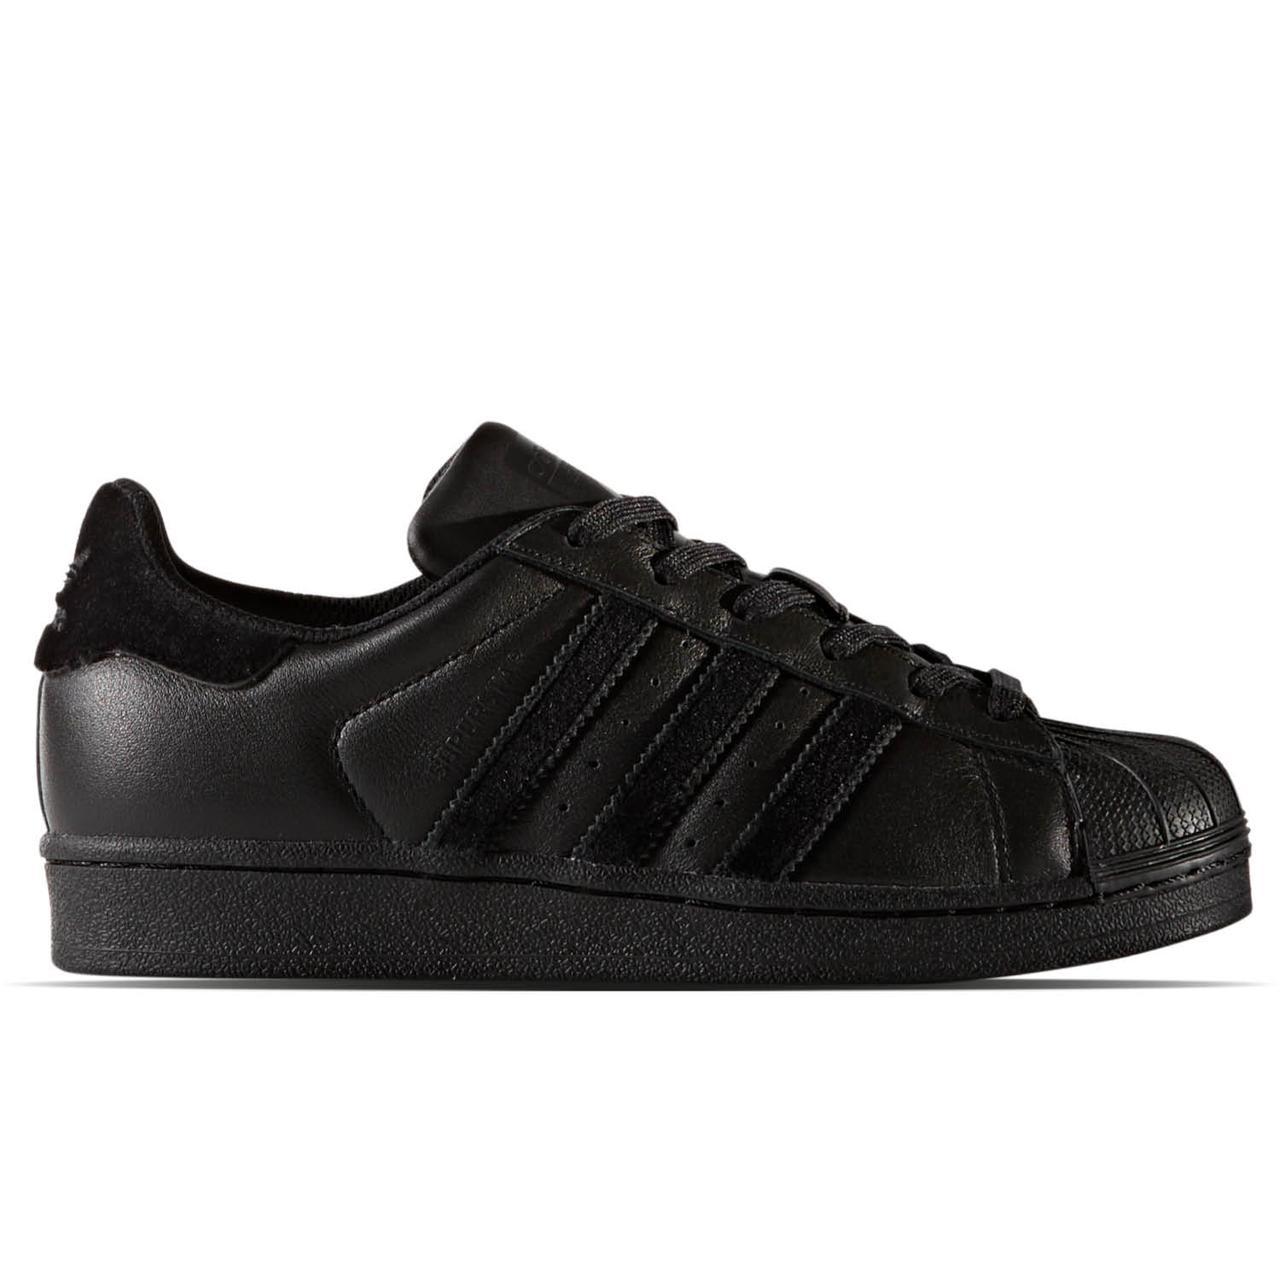 Оригинальные кроссовки adidas Superstar Core Black - Sport-Sneakers -  Оригинальные кроссовки - Sneakerhead UA 6832673a4ec